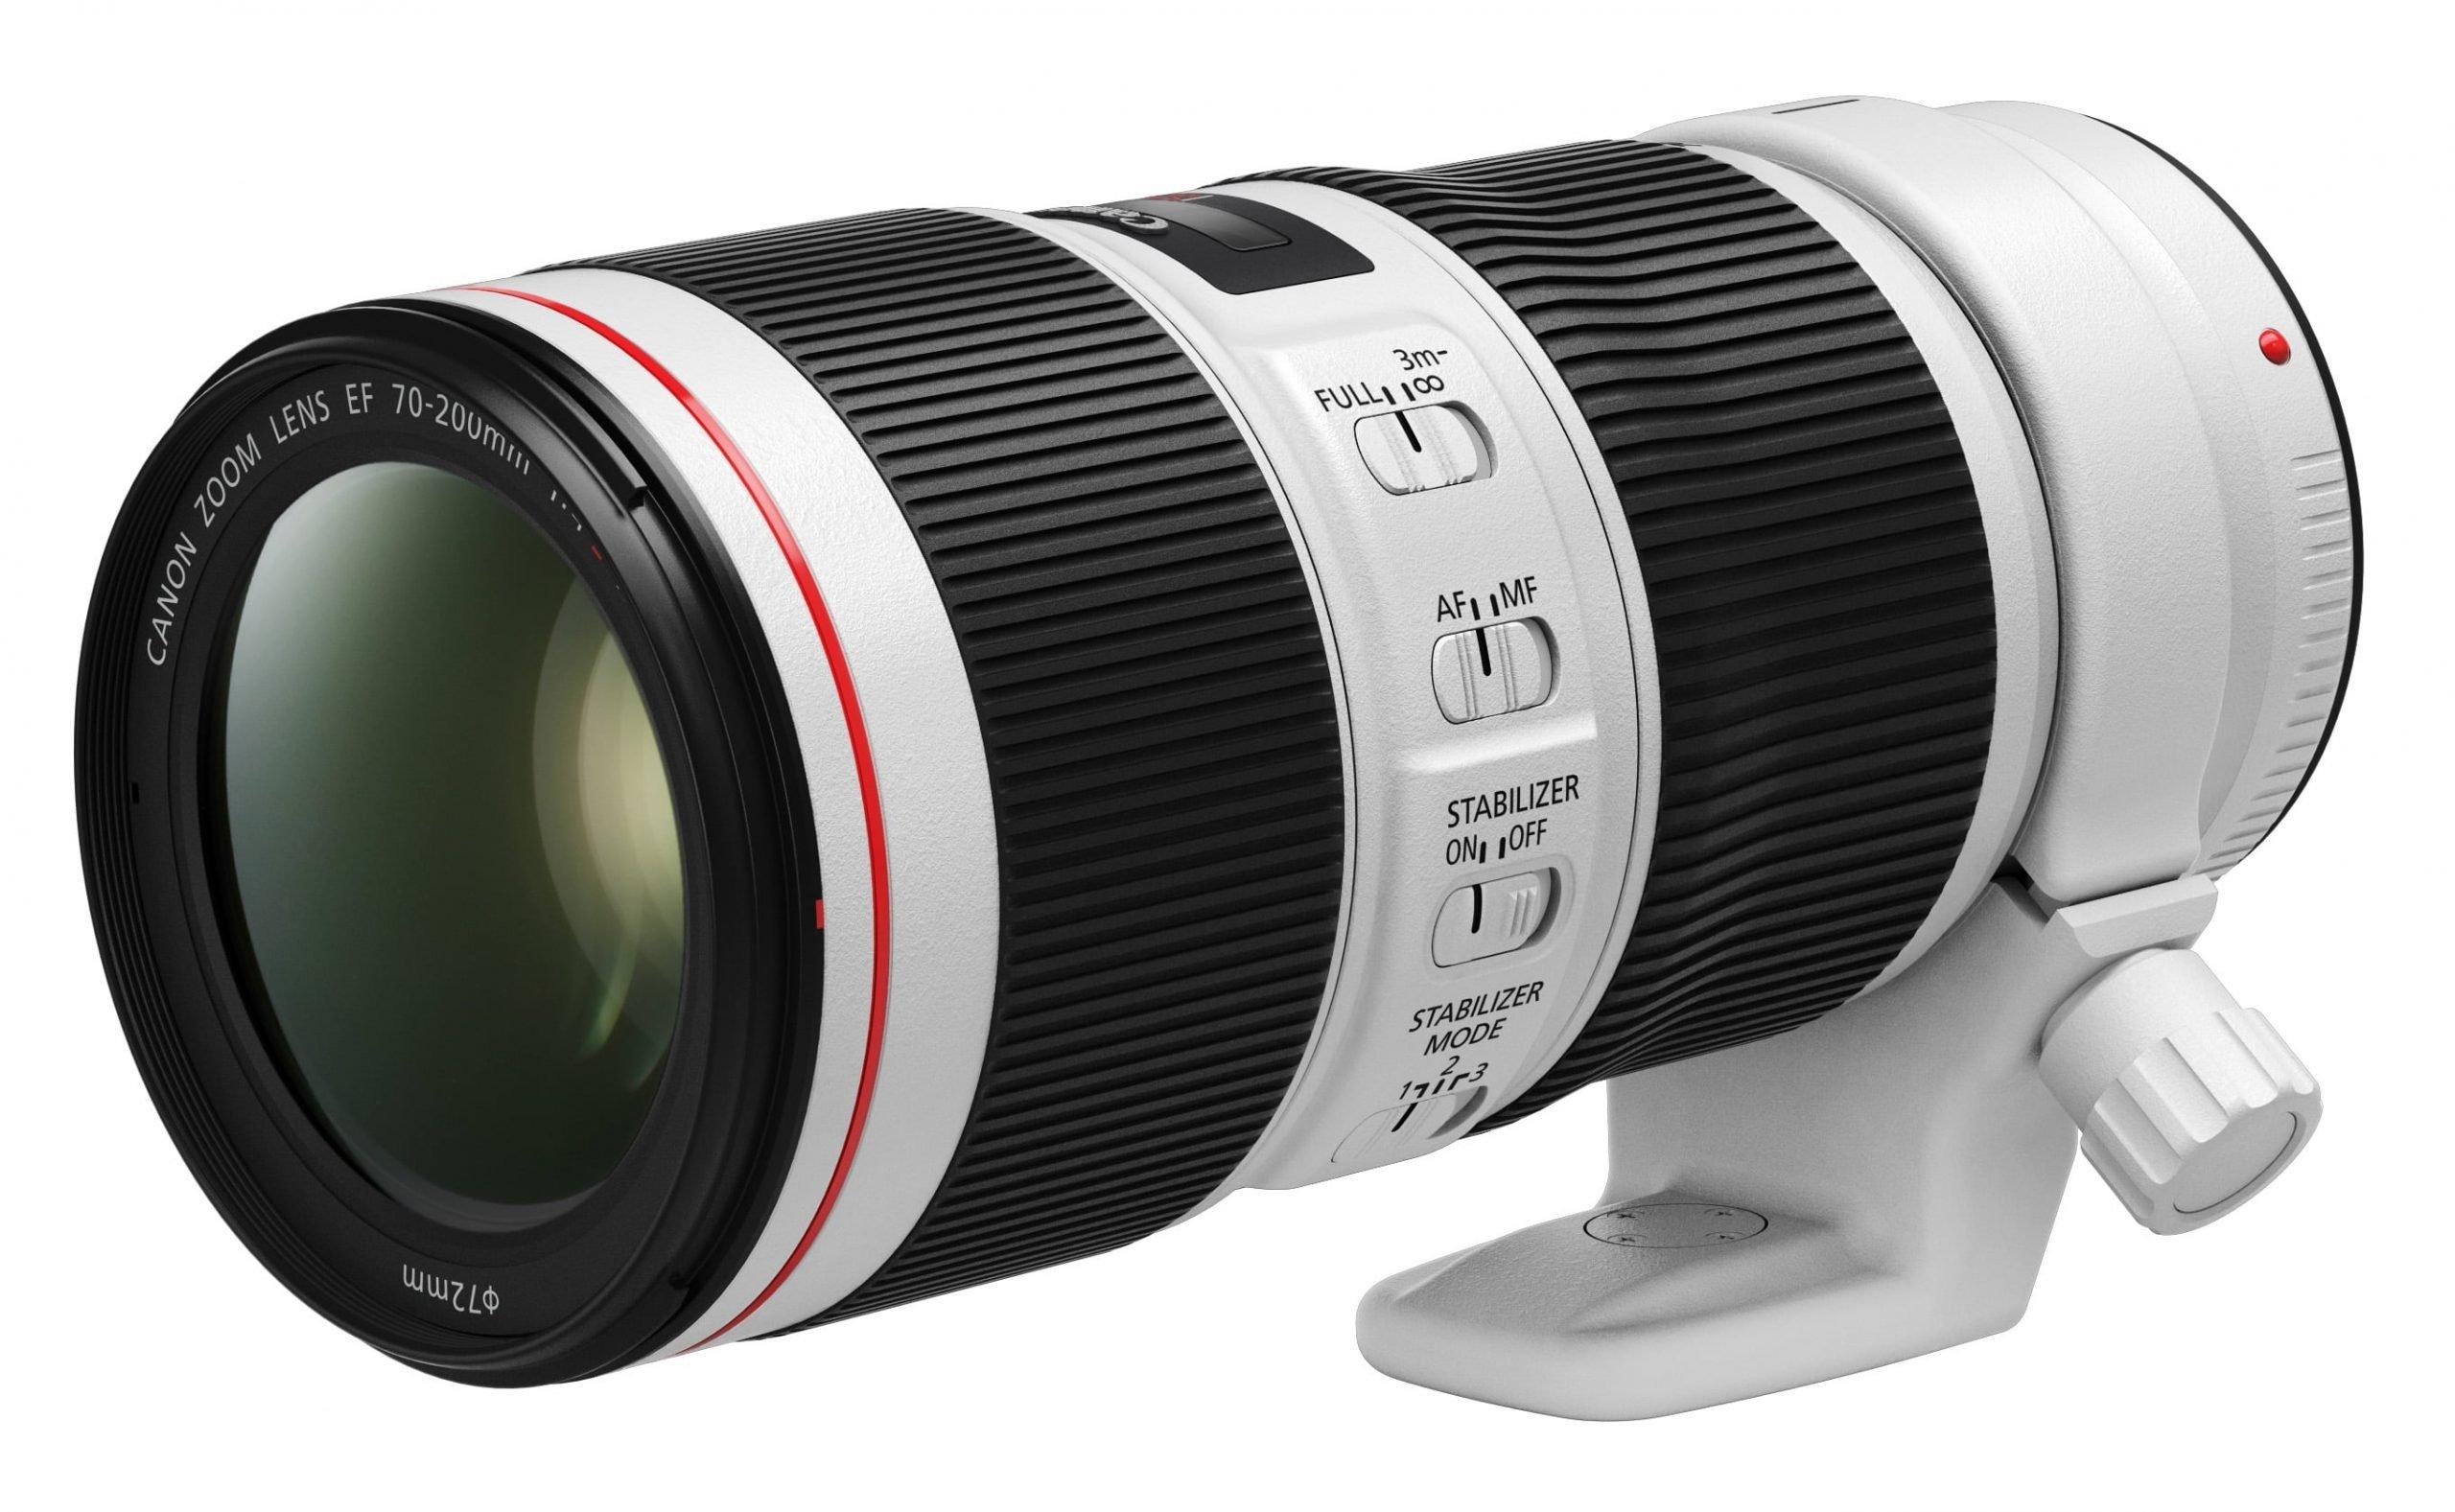 Canon RF 70-200mm f/4L